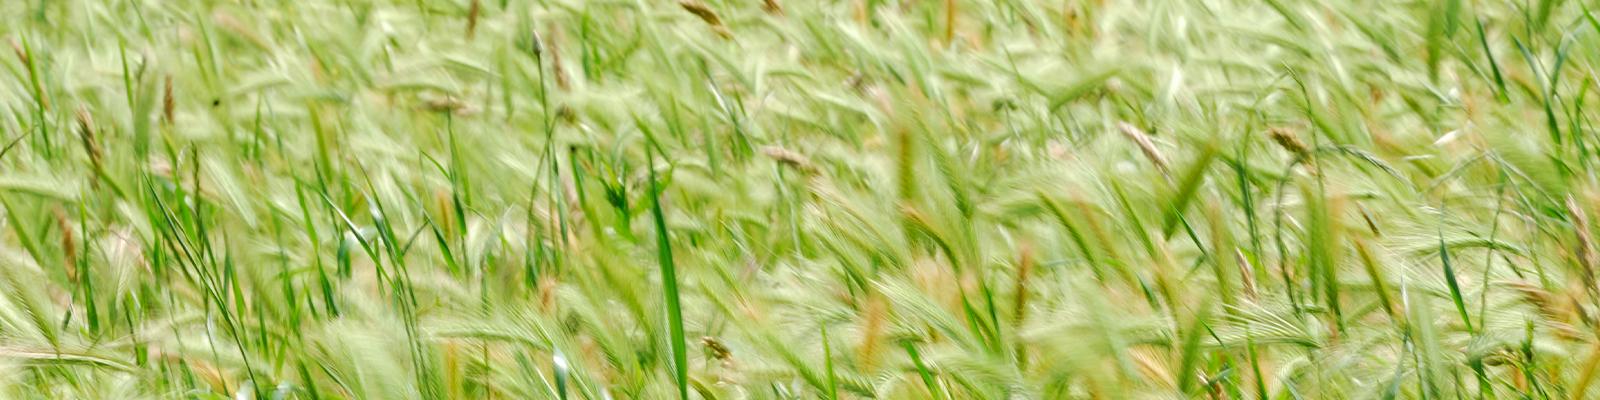 Pasta Garofalo - Engagement environnemental